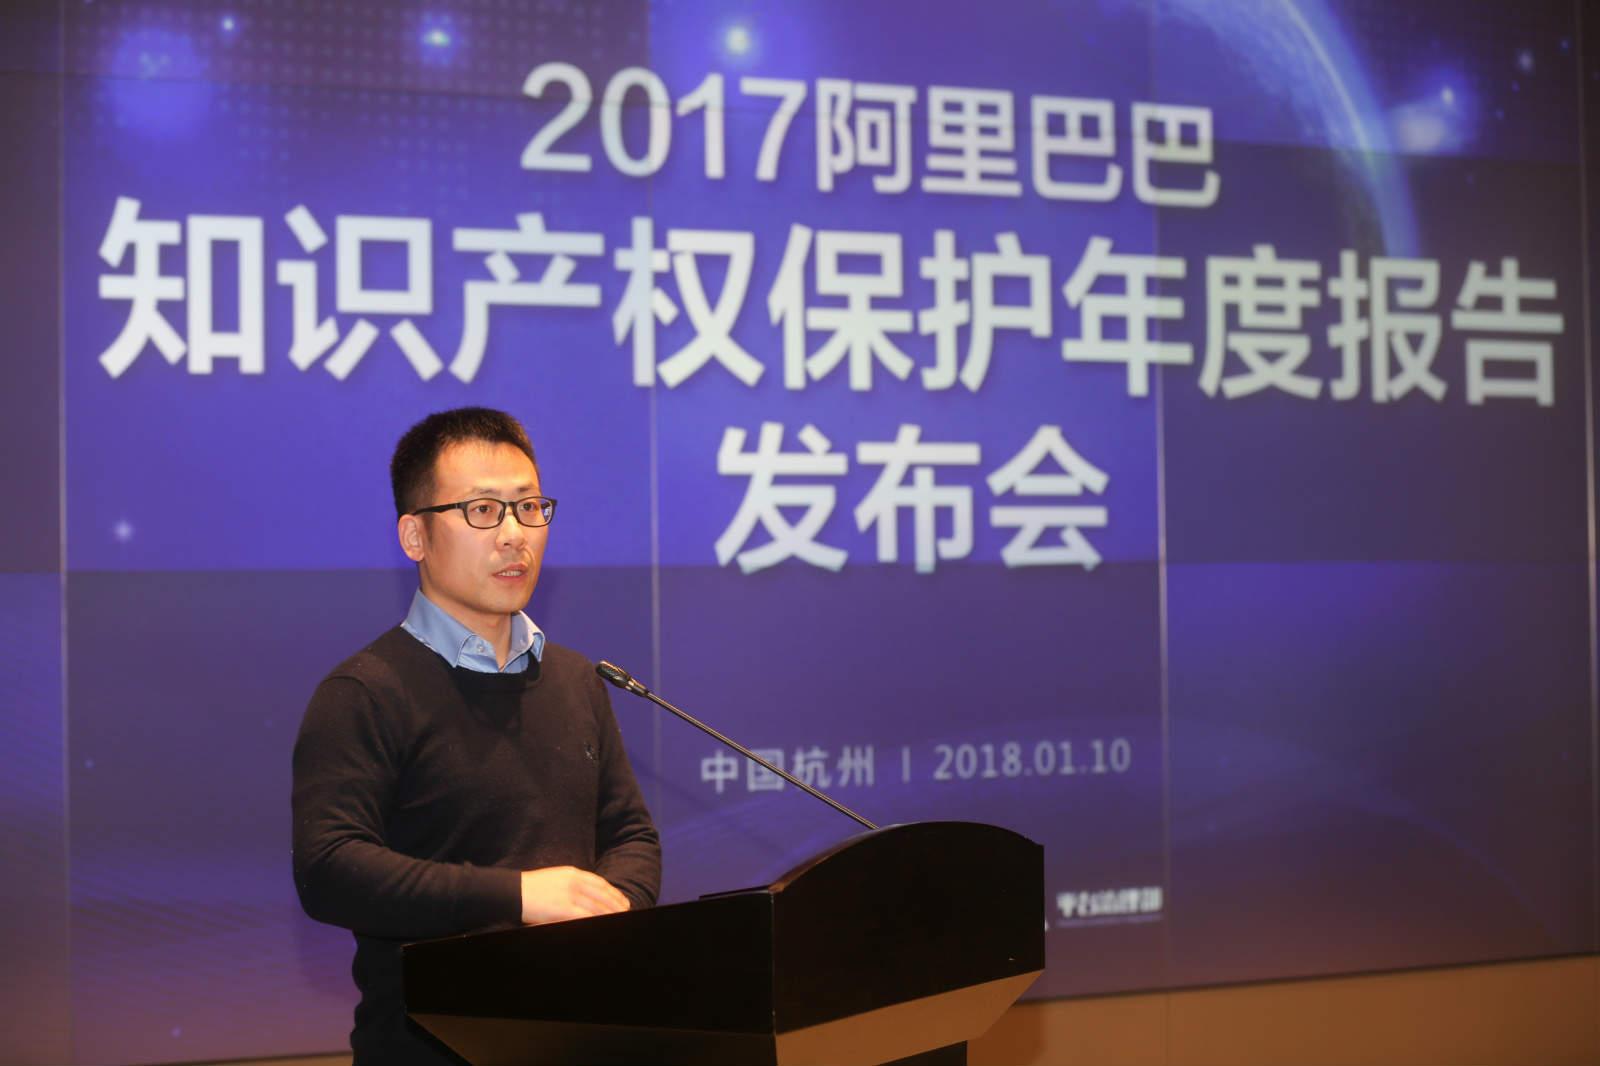 图说:康宝莱(中国)保健品有限公司 合规部高级总监舒亚杰点赞阿里打假_meitu_3